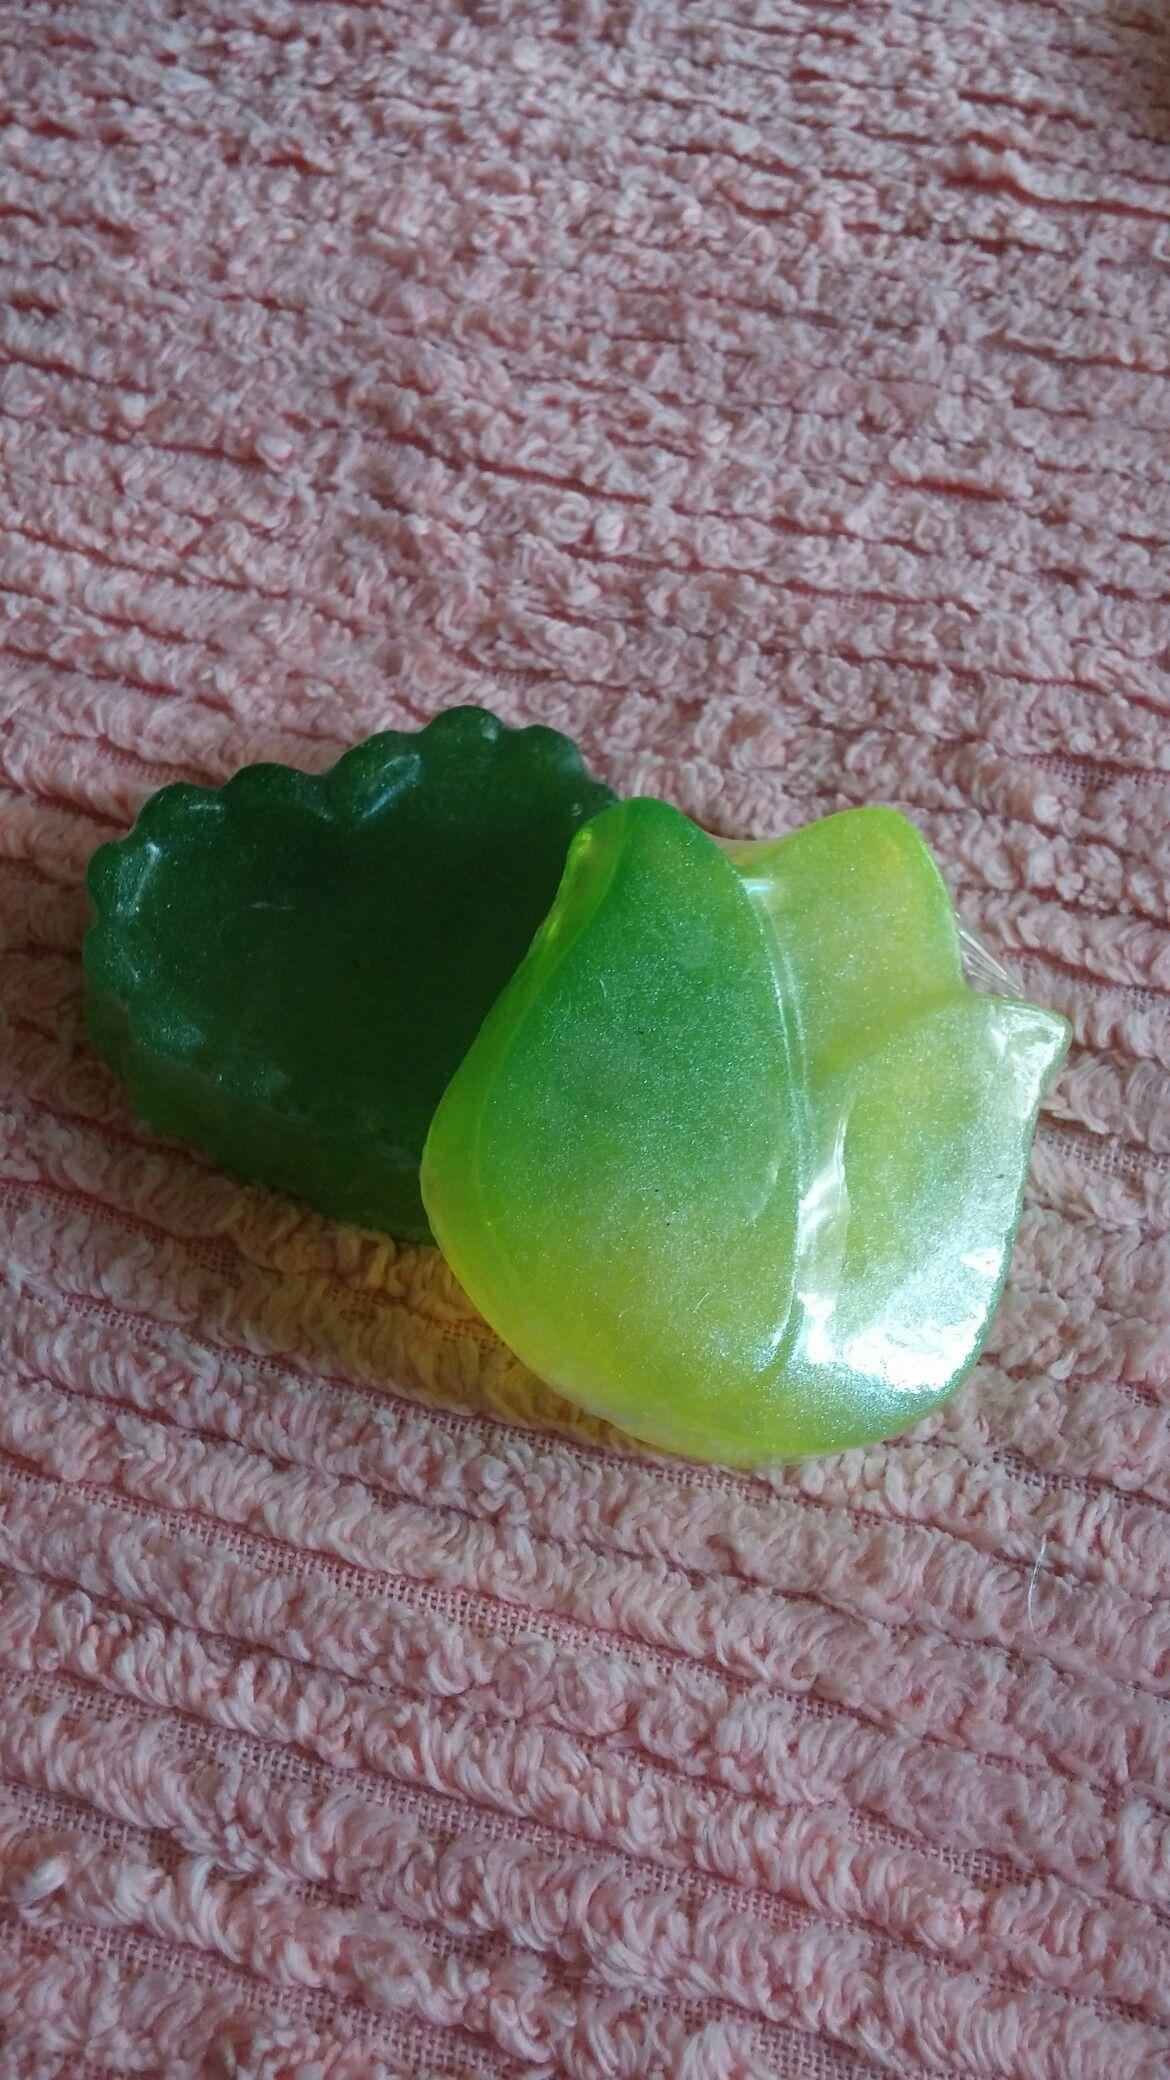 Jabones de glicerina de pera